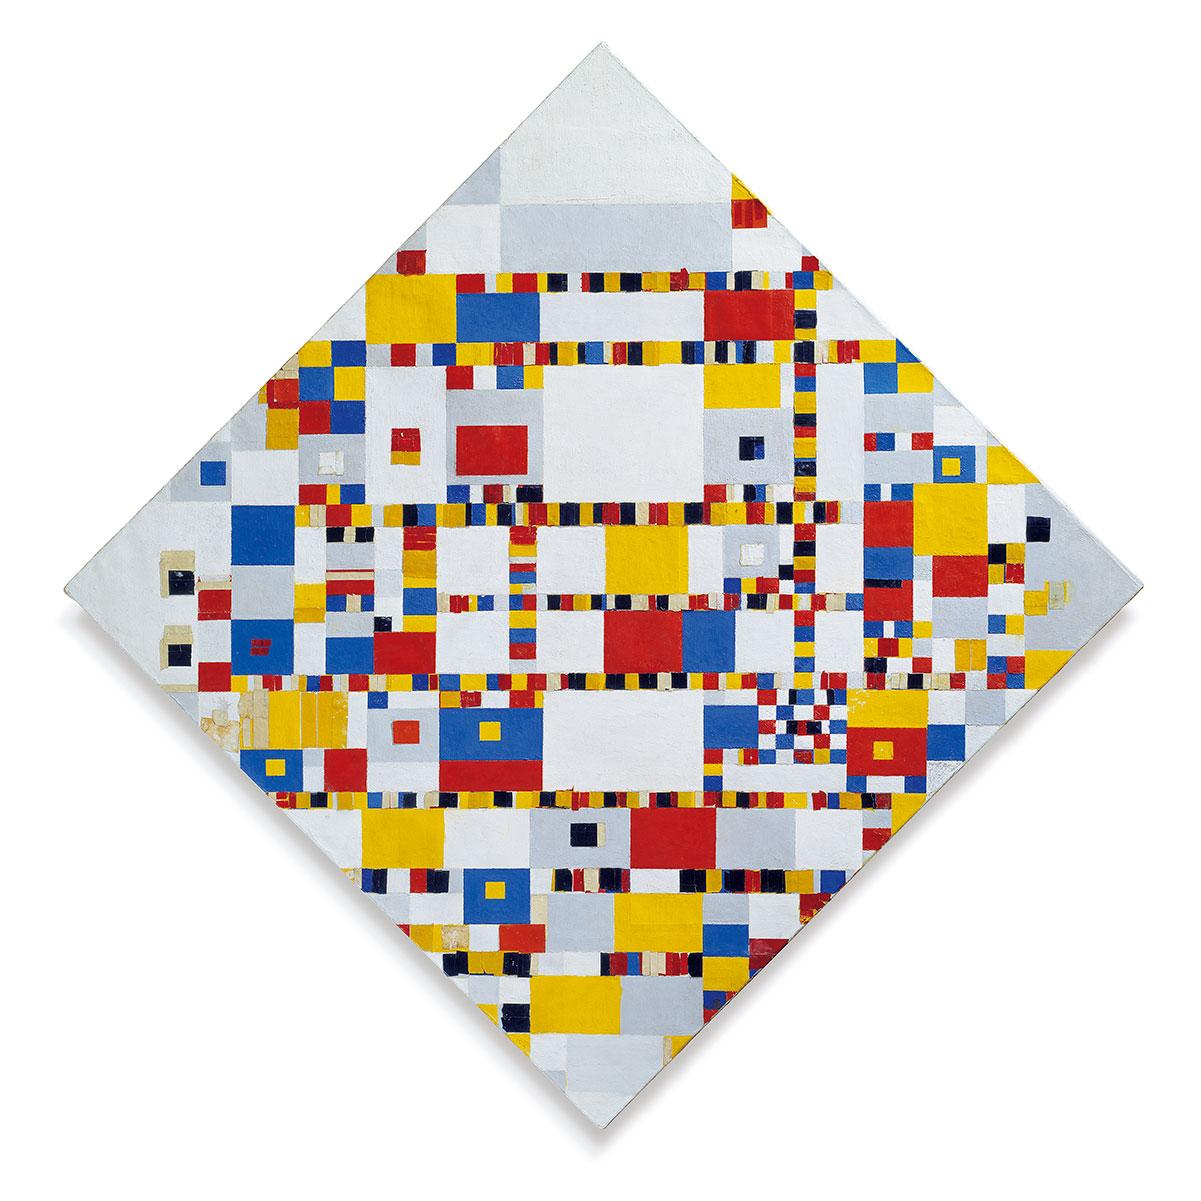 Victory Boogie Woogie + Mondrian, Piet *magnifico